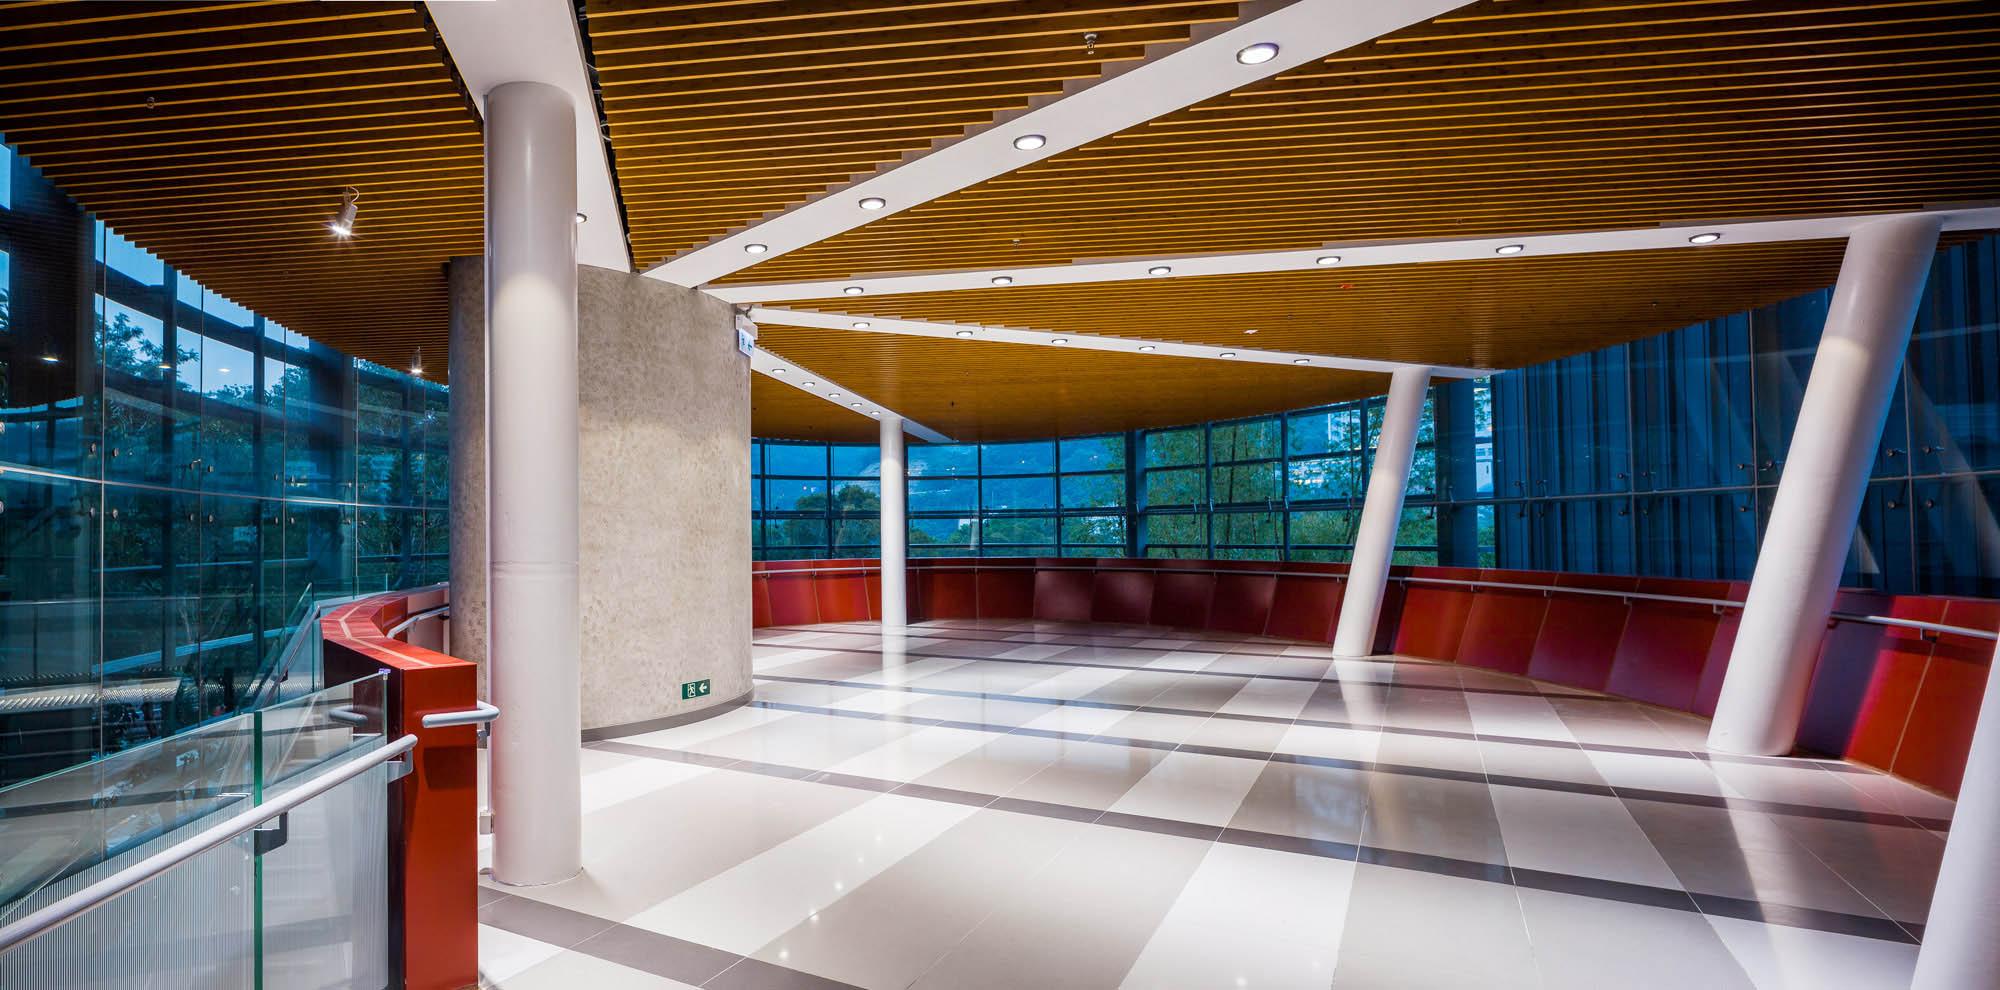 香港中文大學 康本國際學術園 及 伍何曼原樓